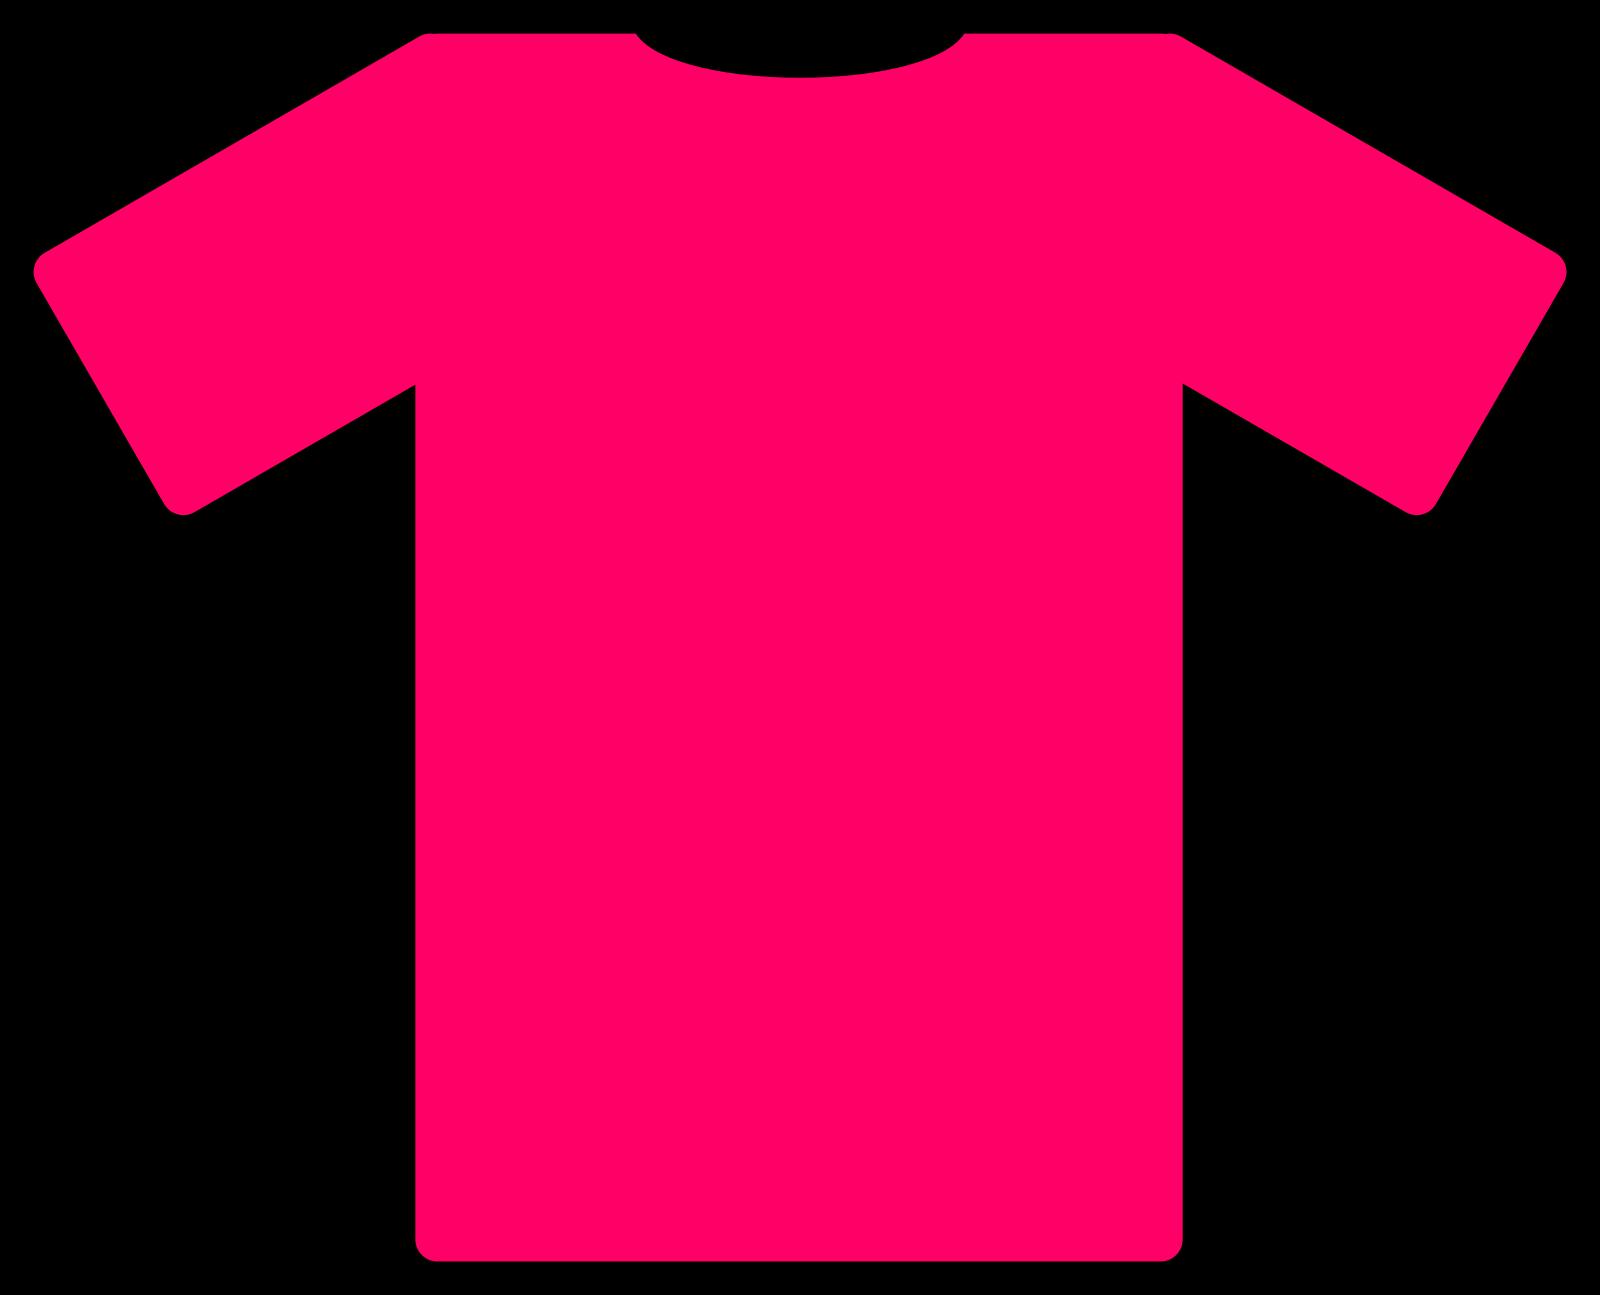 Pink T Shirt SVG Clip arts